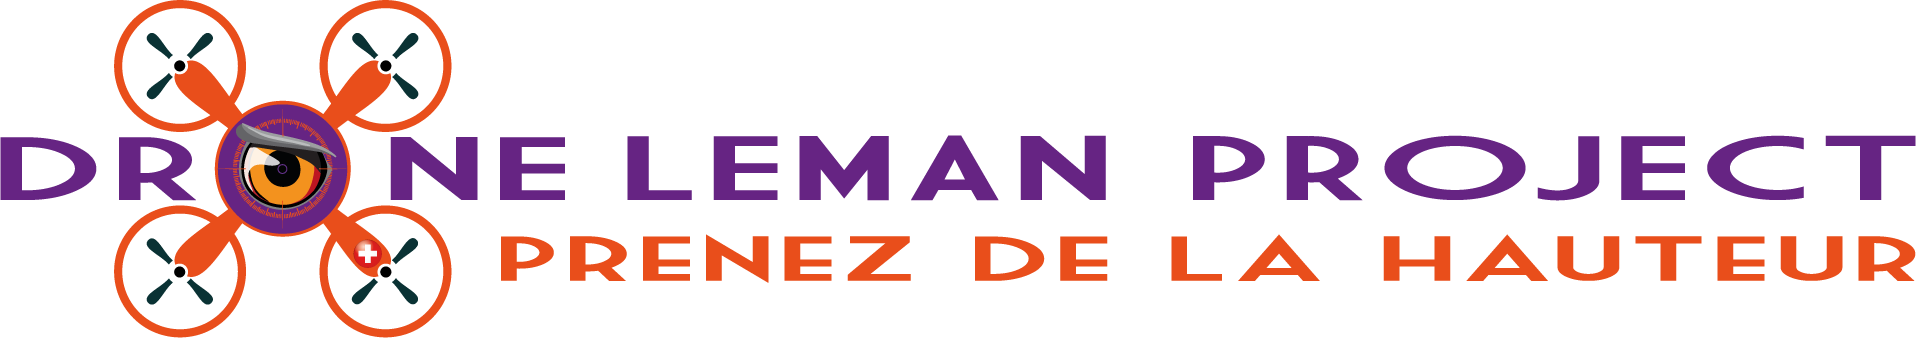 Drone Léman Project